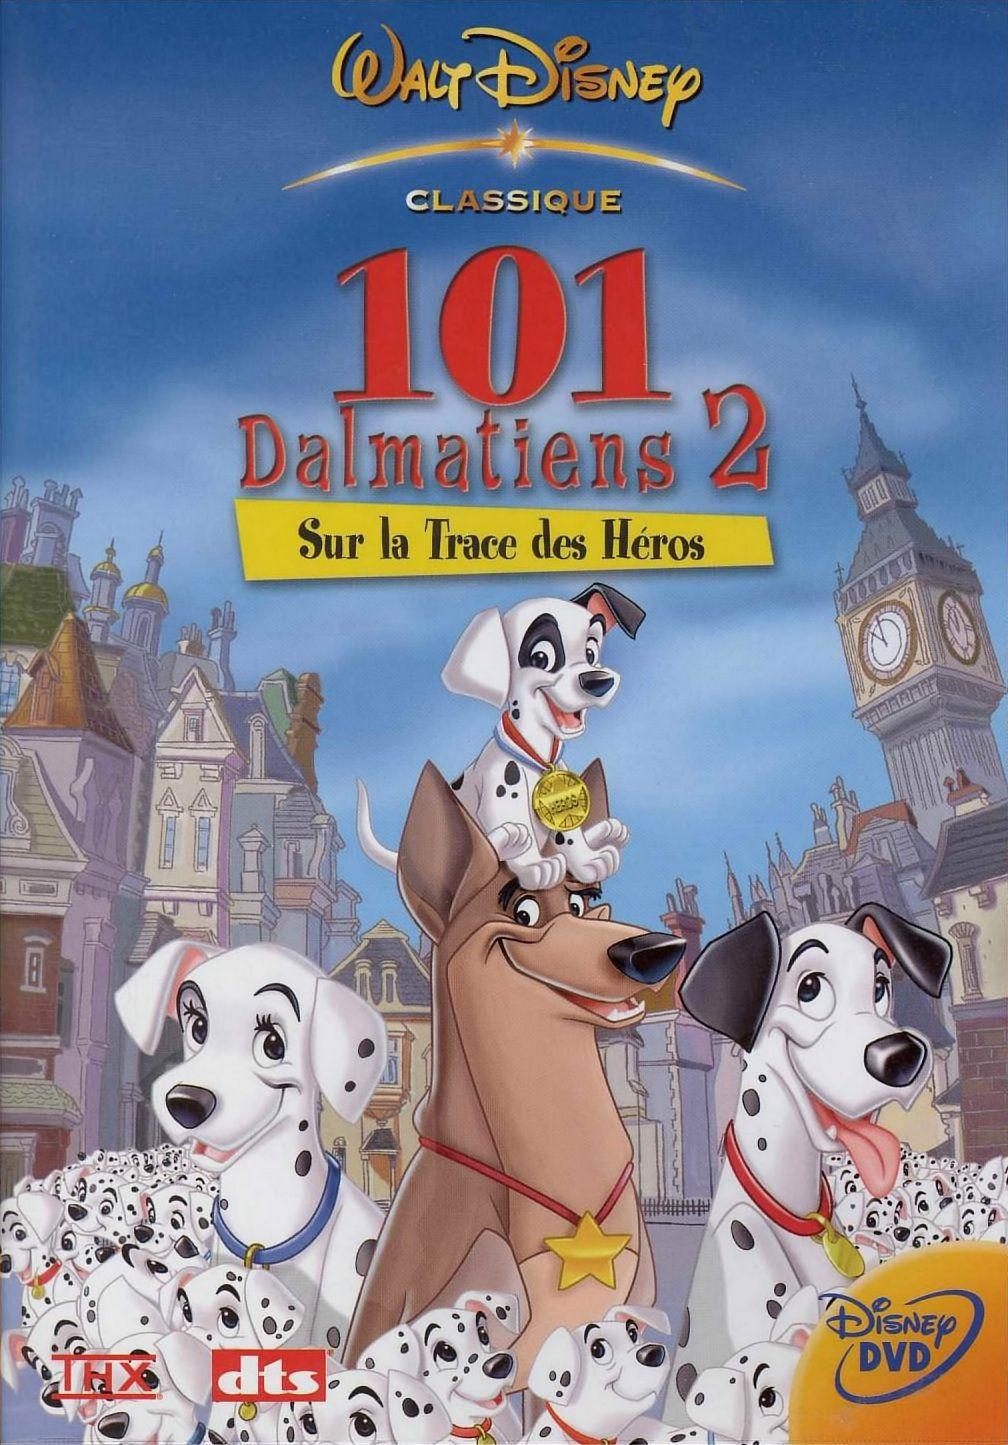 affiche poster 101 dalmatiens dalmatians 2 trace héros patch london adventure disney